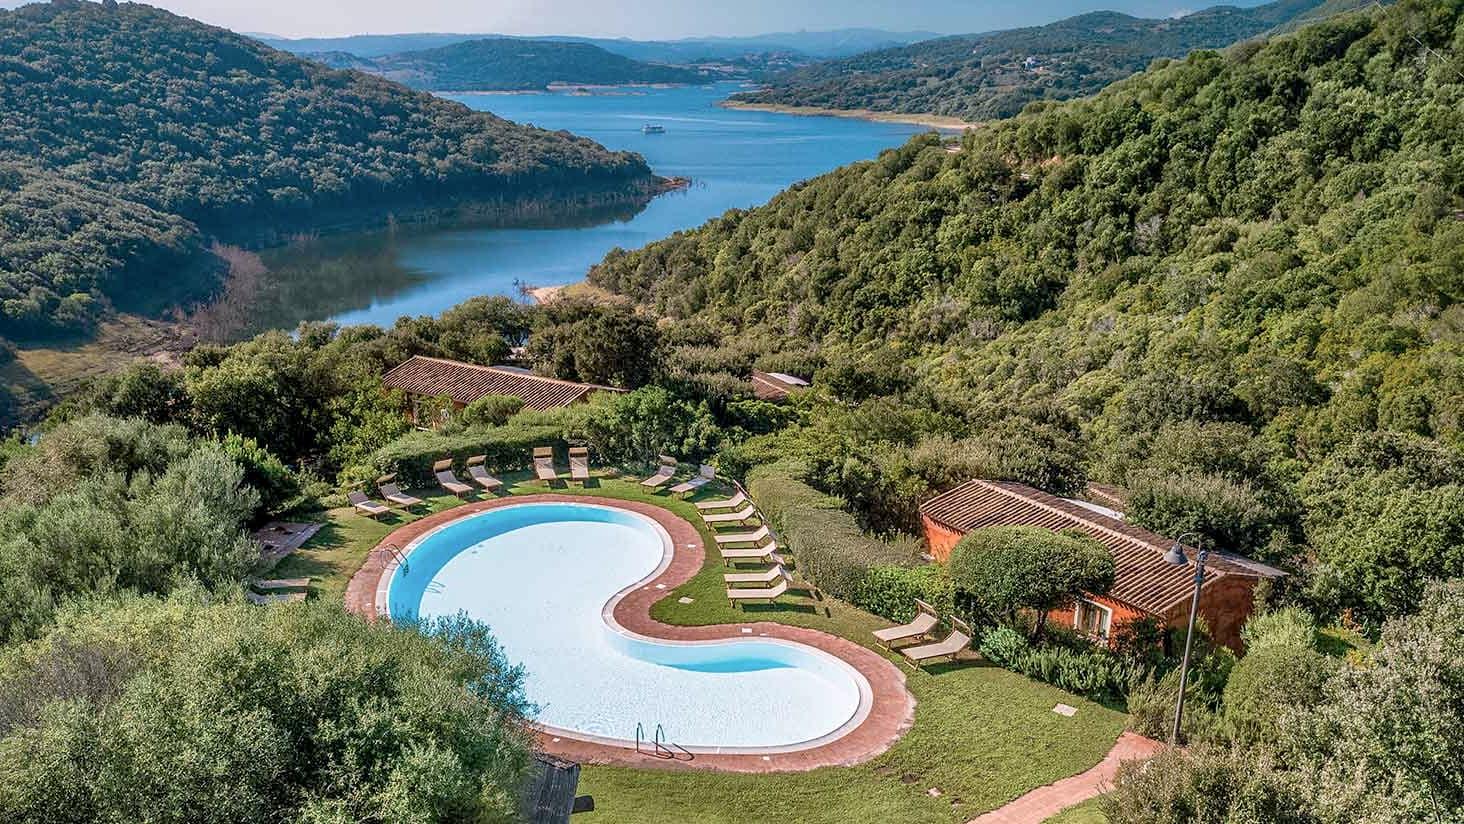 panoramica dell'hotel Aldiola con vista sul lago del Liscia